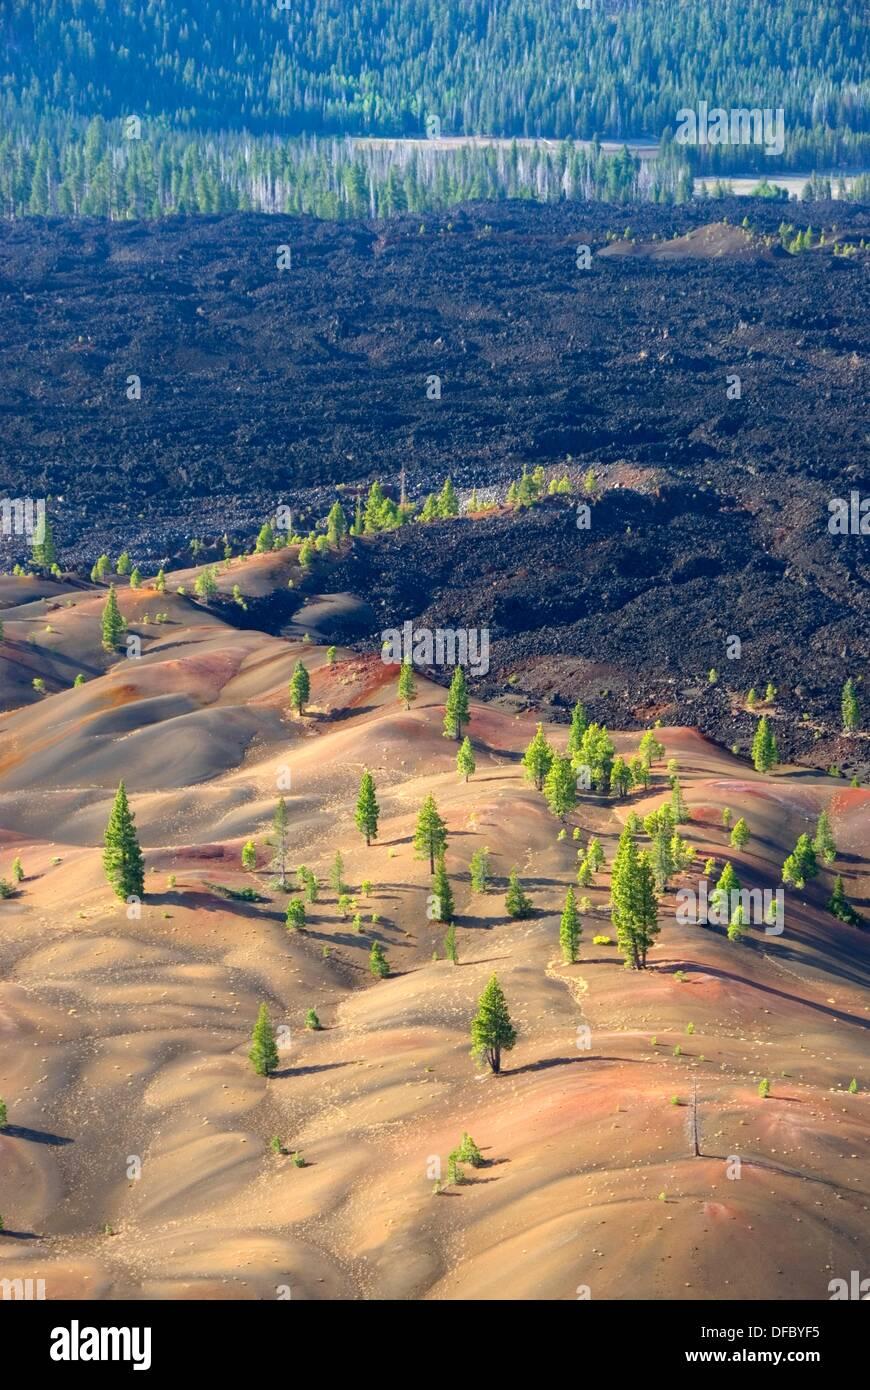 La coulée de lave de fantastique, cône de cendres volcaniques Lassen National Park, California, USA Photo Stock